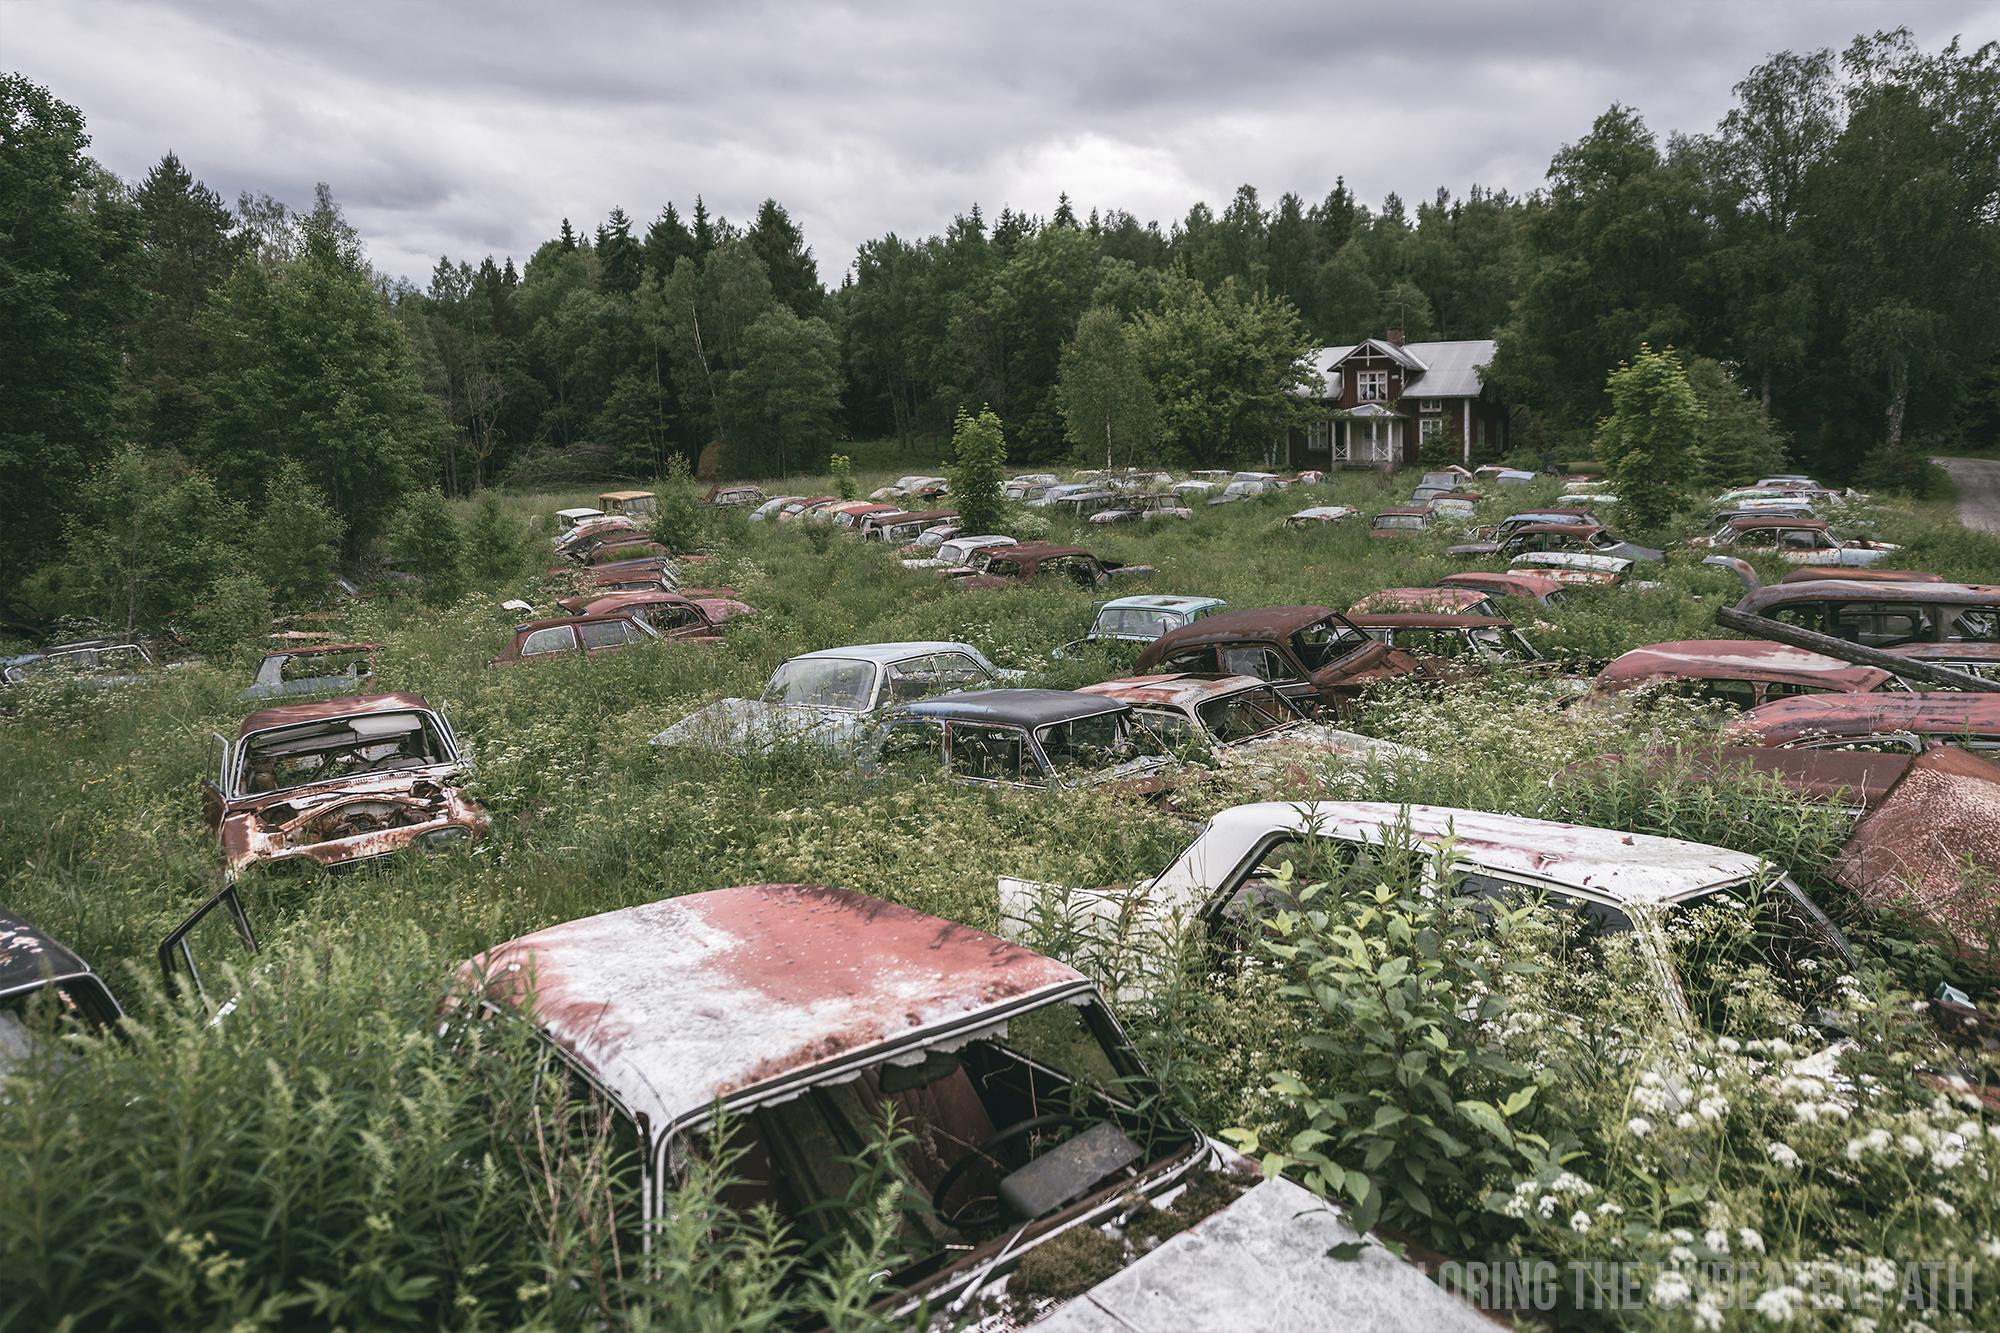 Båstnäs car graveyard Sweden abandoned urbex urban exploring